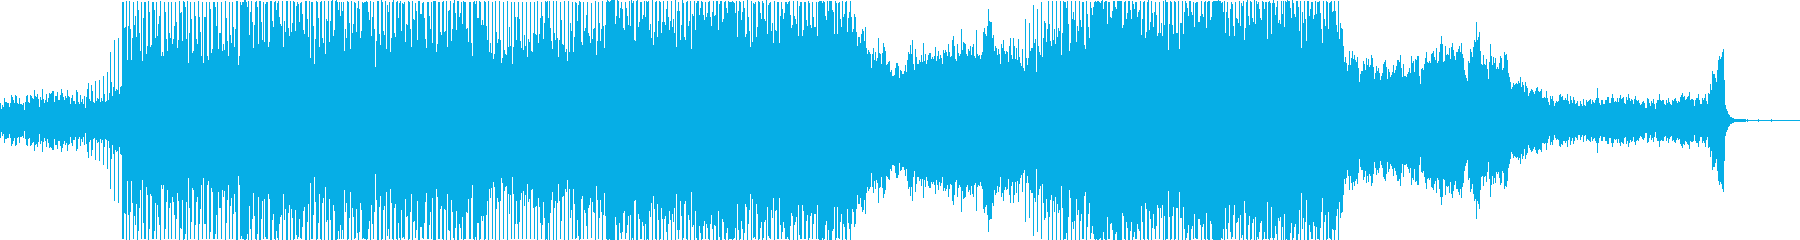 優しく切ない、感動的なストリングスポップの再生済みの波形